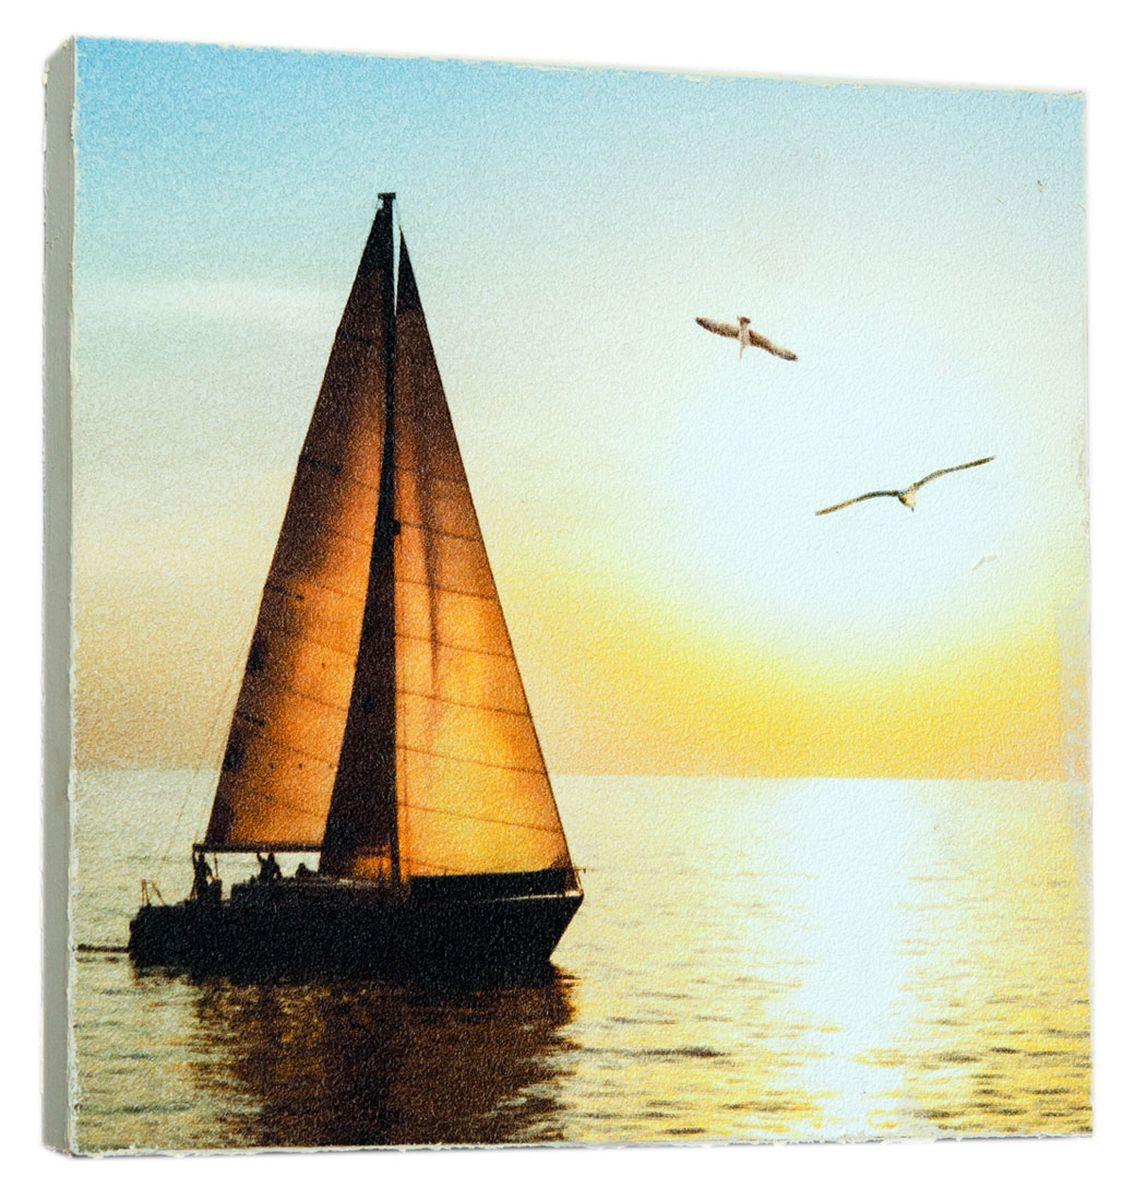 Картина Mister Poster Красивая яхта, 14,5 х 14,5 смRG-D31SКартина Mister Poster - это высококачественная репродукция на деревянной раме. Лицевая поверхность имитирует штукатурку или натуральный холст, края окрашены вручную специальным декоративным составом.Современные технологии, уникальное оборудование и оригинальные чернила, используемые при изготовлении, делают постер устойчивым к выцветанию, а также гарантируют стойкость к воздействию негативных внешних факторов. Интерьер дома и офиса, в котором находится человек, в значительной степени влияет на его настроение и работоспособность. Правильное оформление интерьера создает благоприятный психологический климат, улучшает настроение и мотивирует. Добавьте «красок» в ваш интерьер и, возможно, в вашу жизнь.